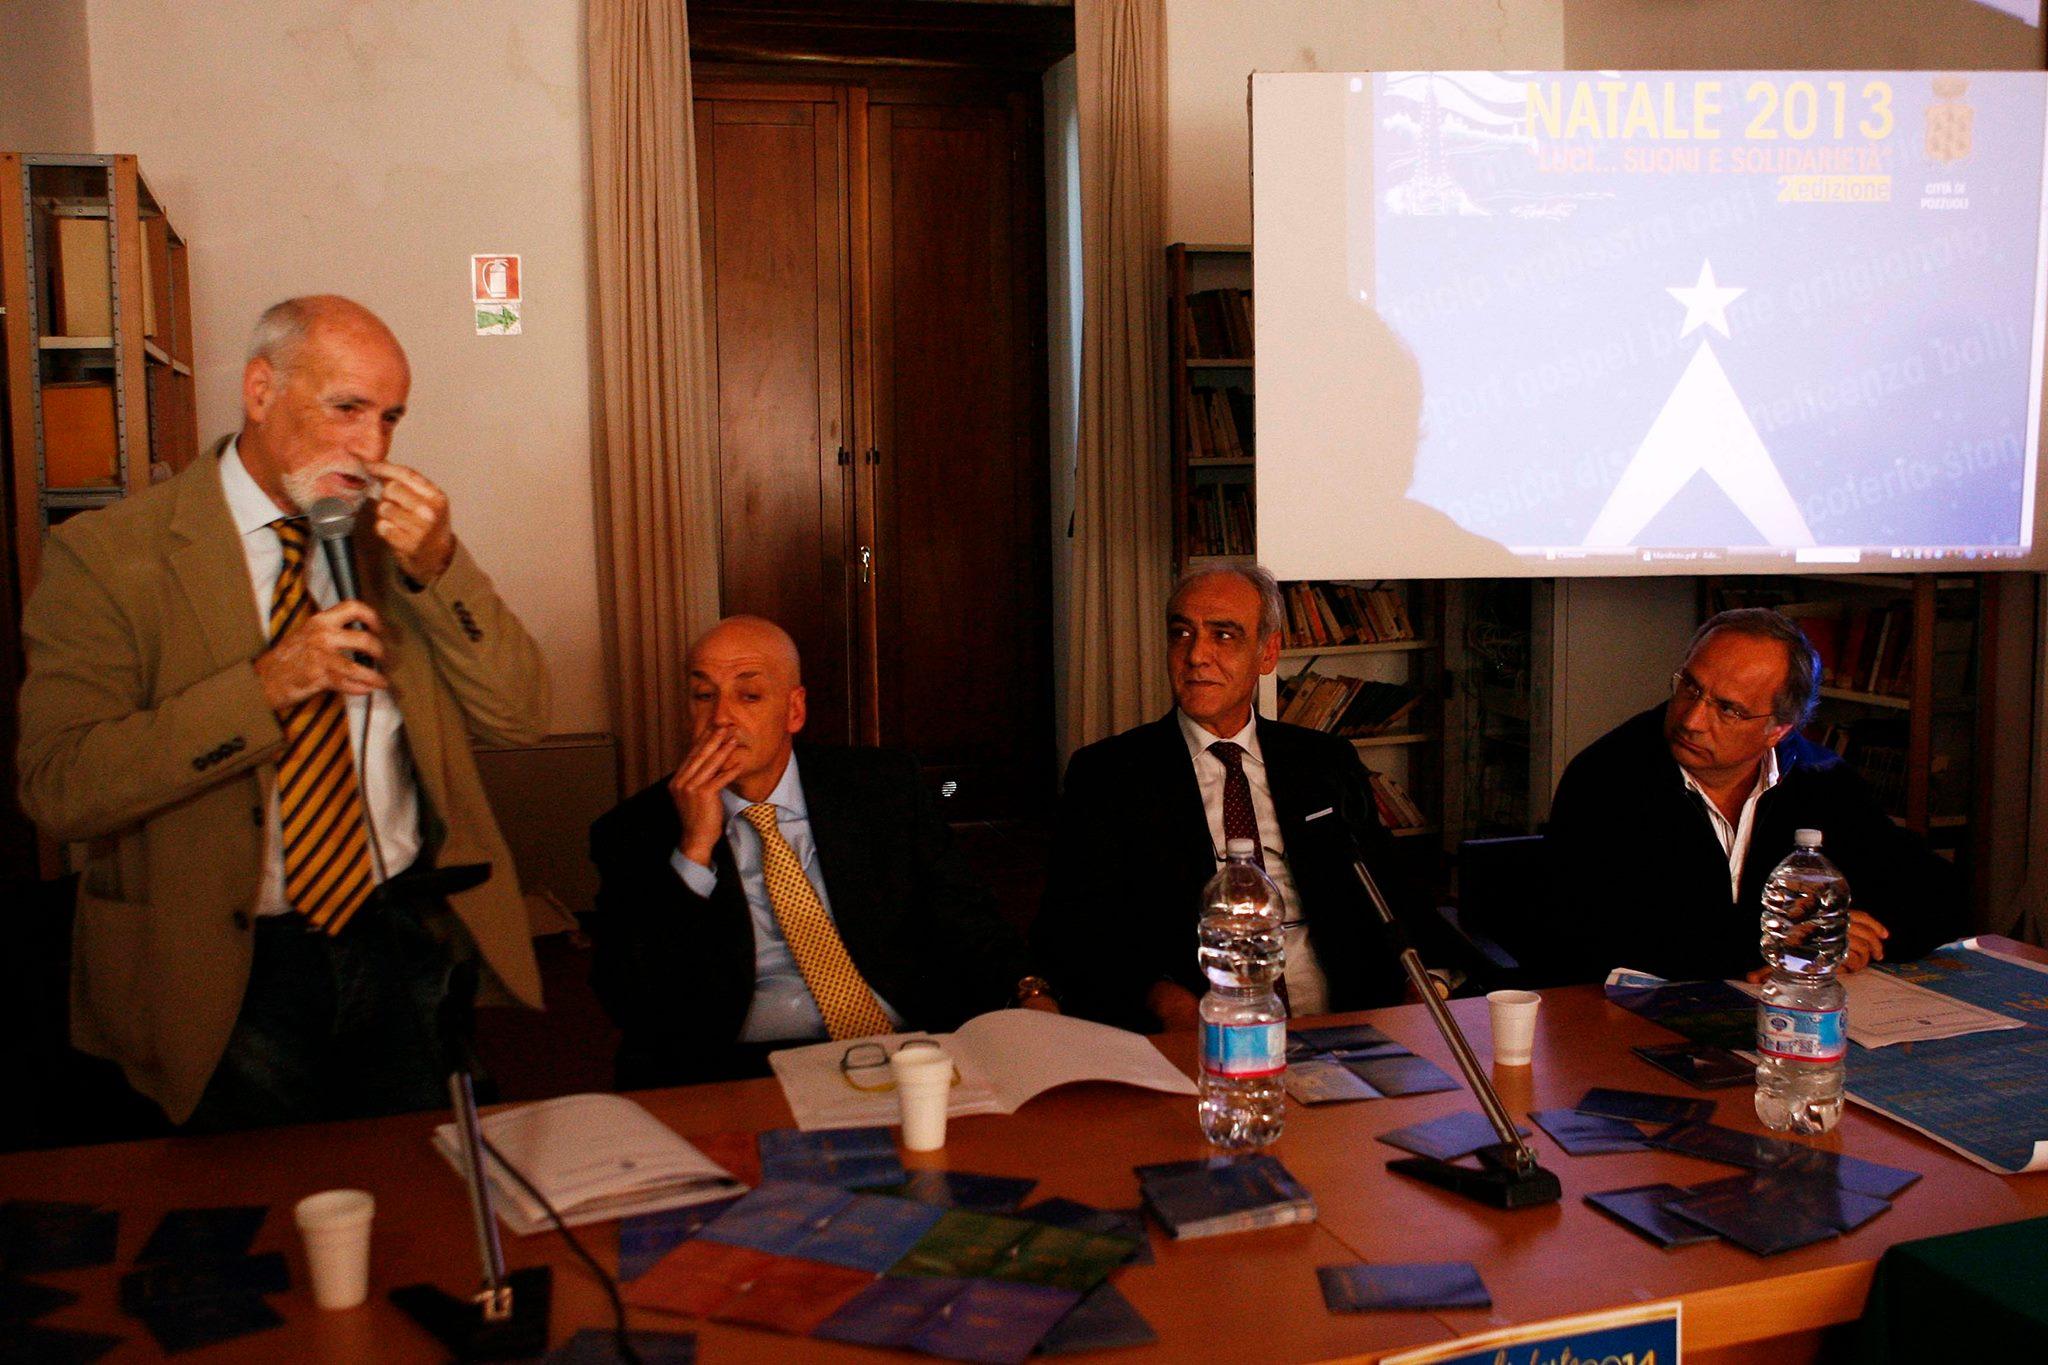 Da sinistra: l'assessore al tempo libero Franco Fumo, il Sindaco Vincenzo Figliolia, il consigliere comunale Caiazzo e l'assessore alle attività produttive e al commercio Carlo Morra (Foto di Paolo Visone)